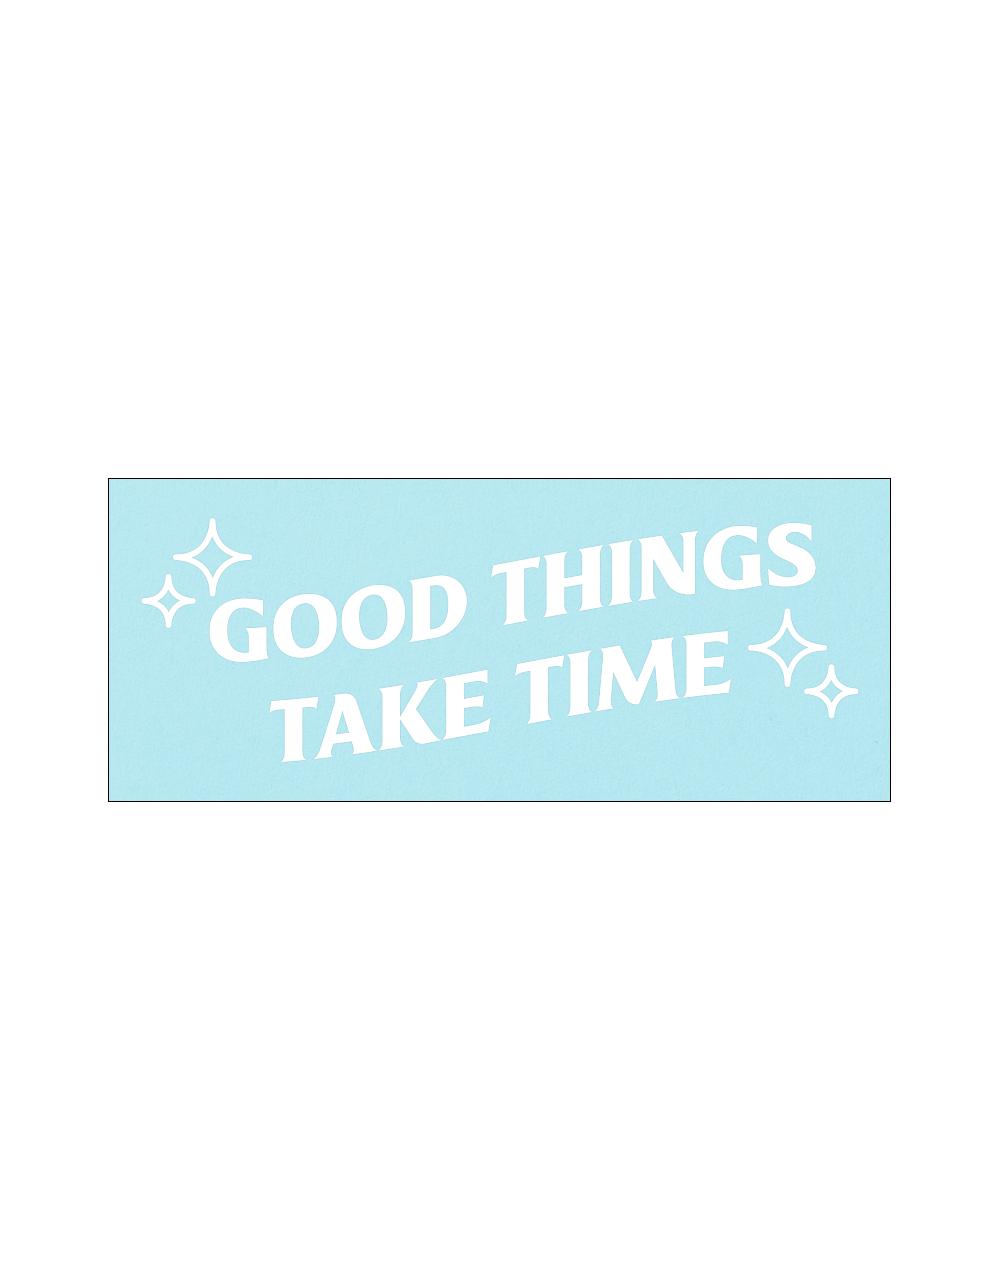 16 Good things take time